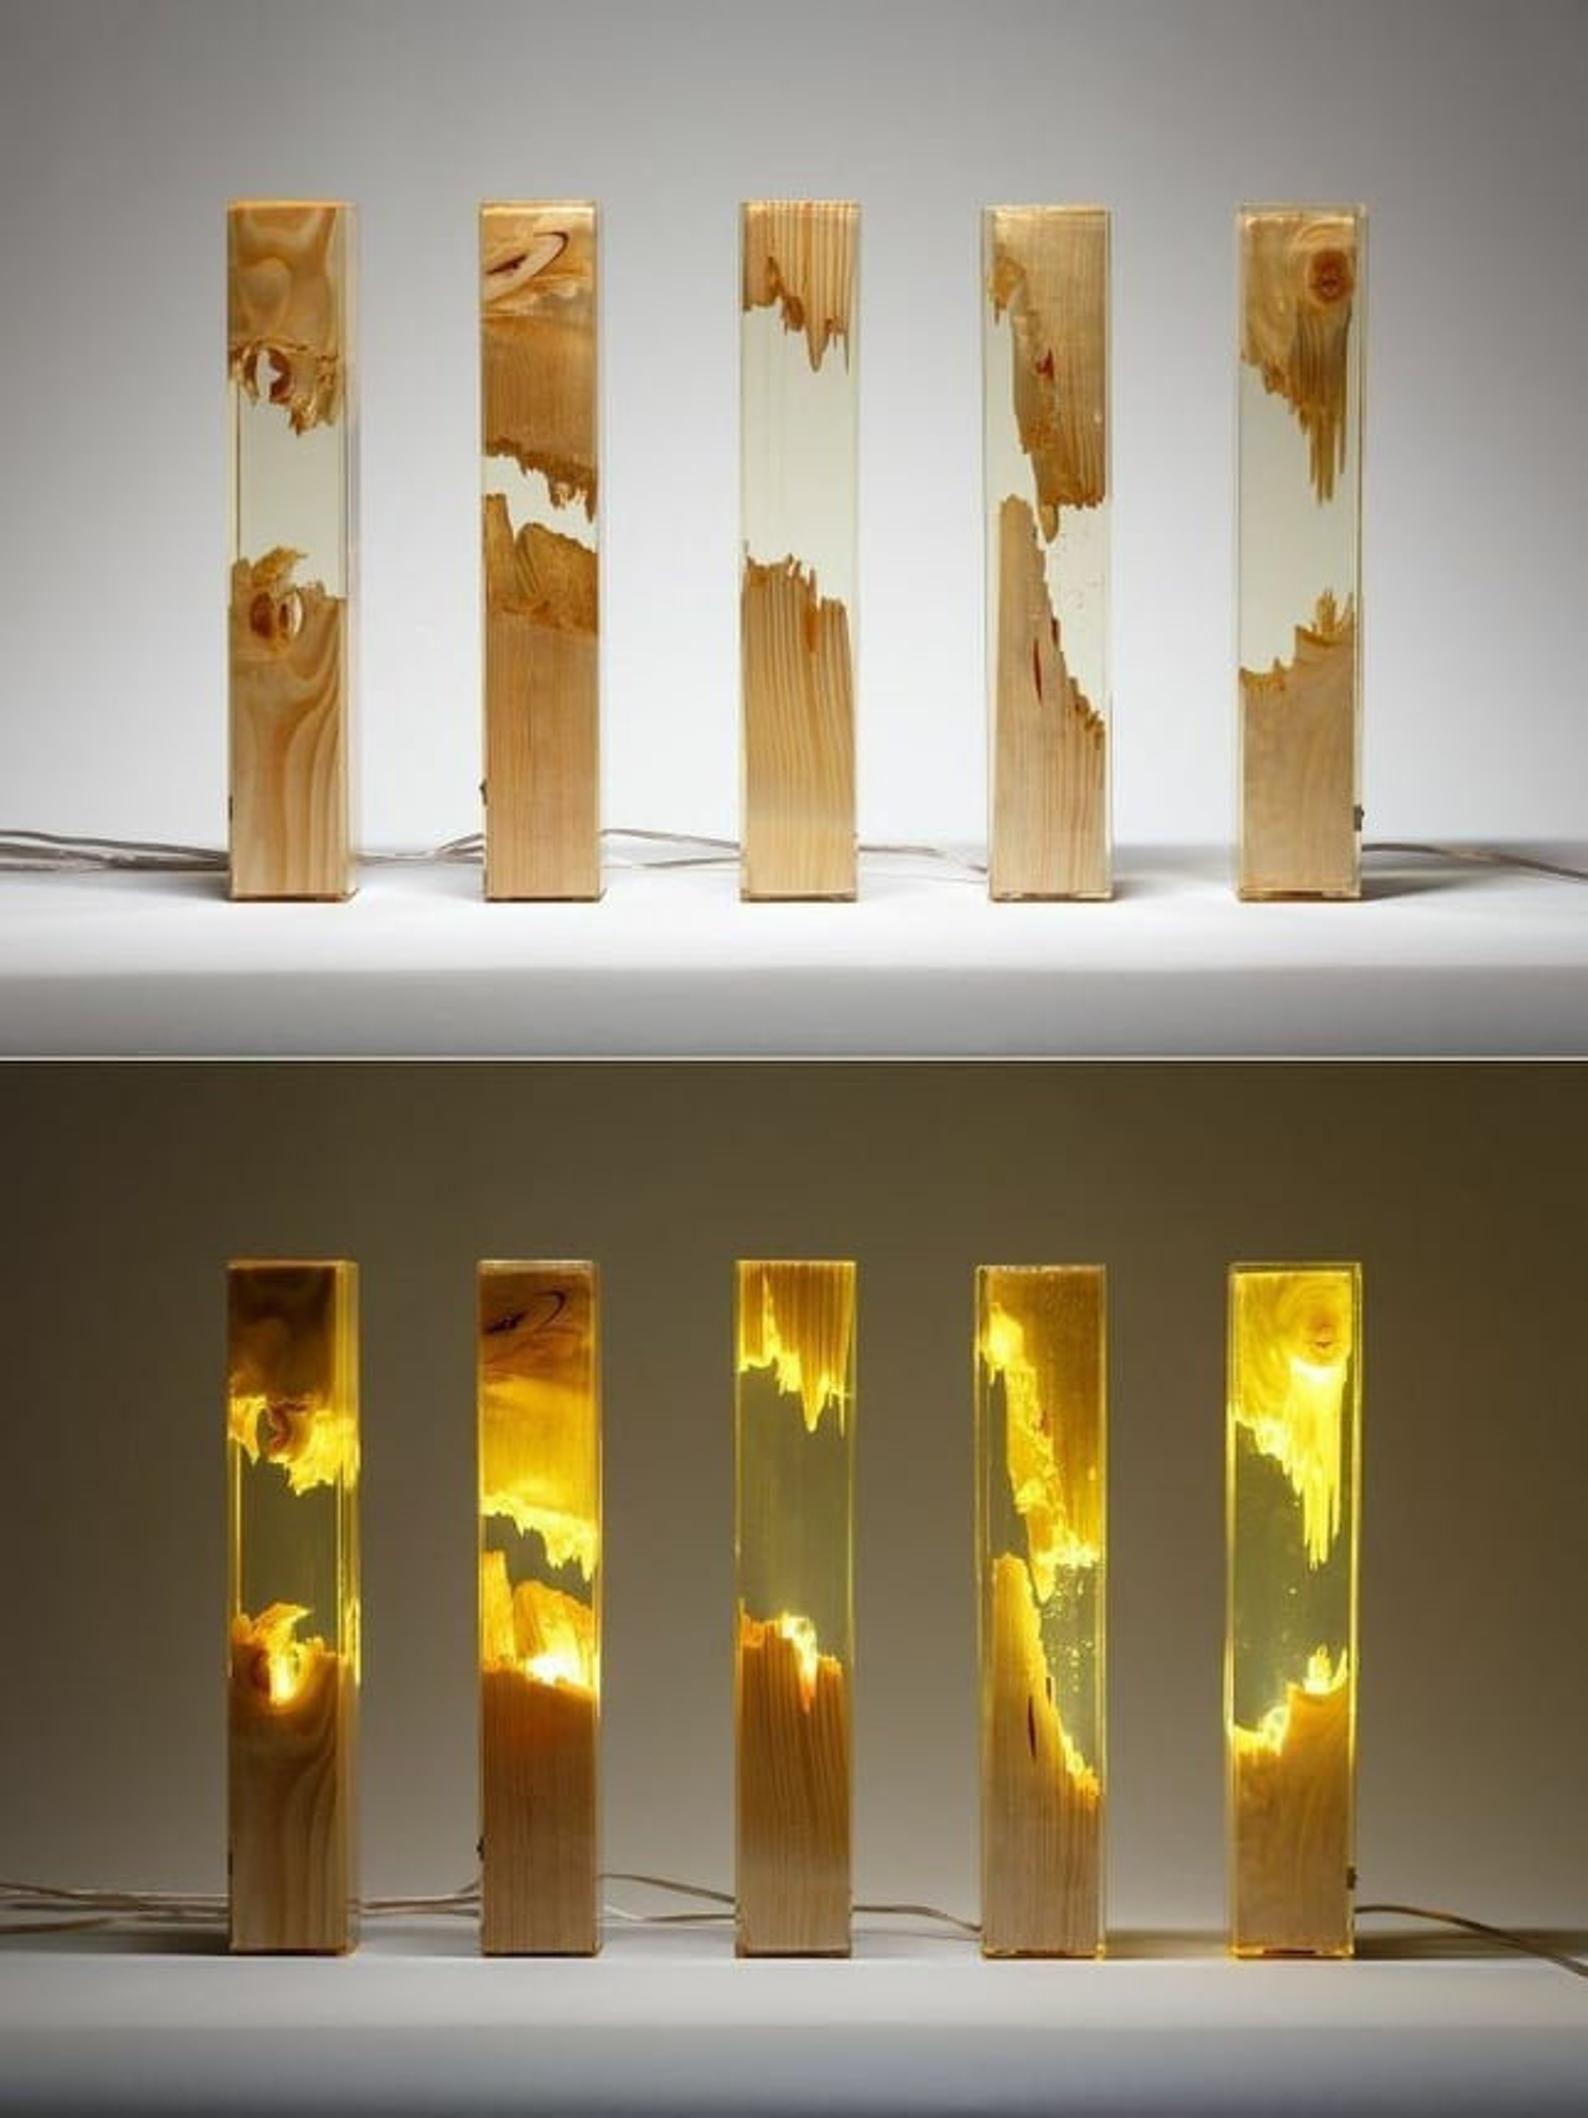 Photo of Epoxy Stehleuchte 122 cm, mehrfarbige, dekorative Lampe, LichtDekoration, HarzLampen, Stehlampen für Haus und Büro, Harz Dekor